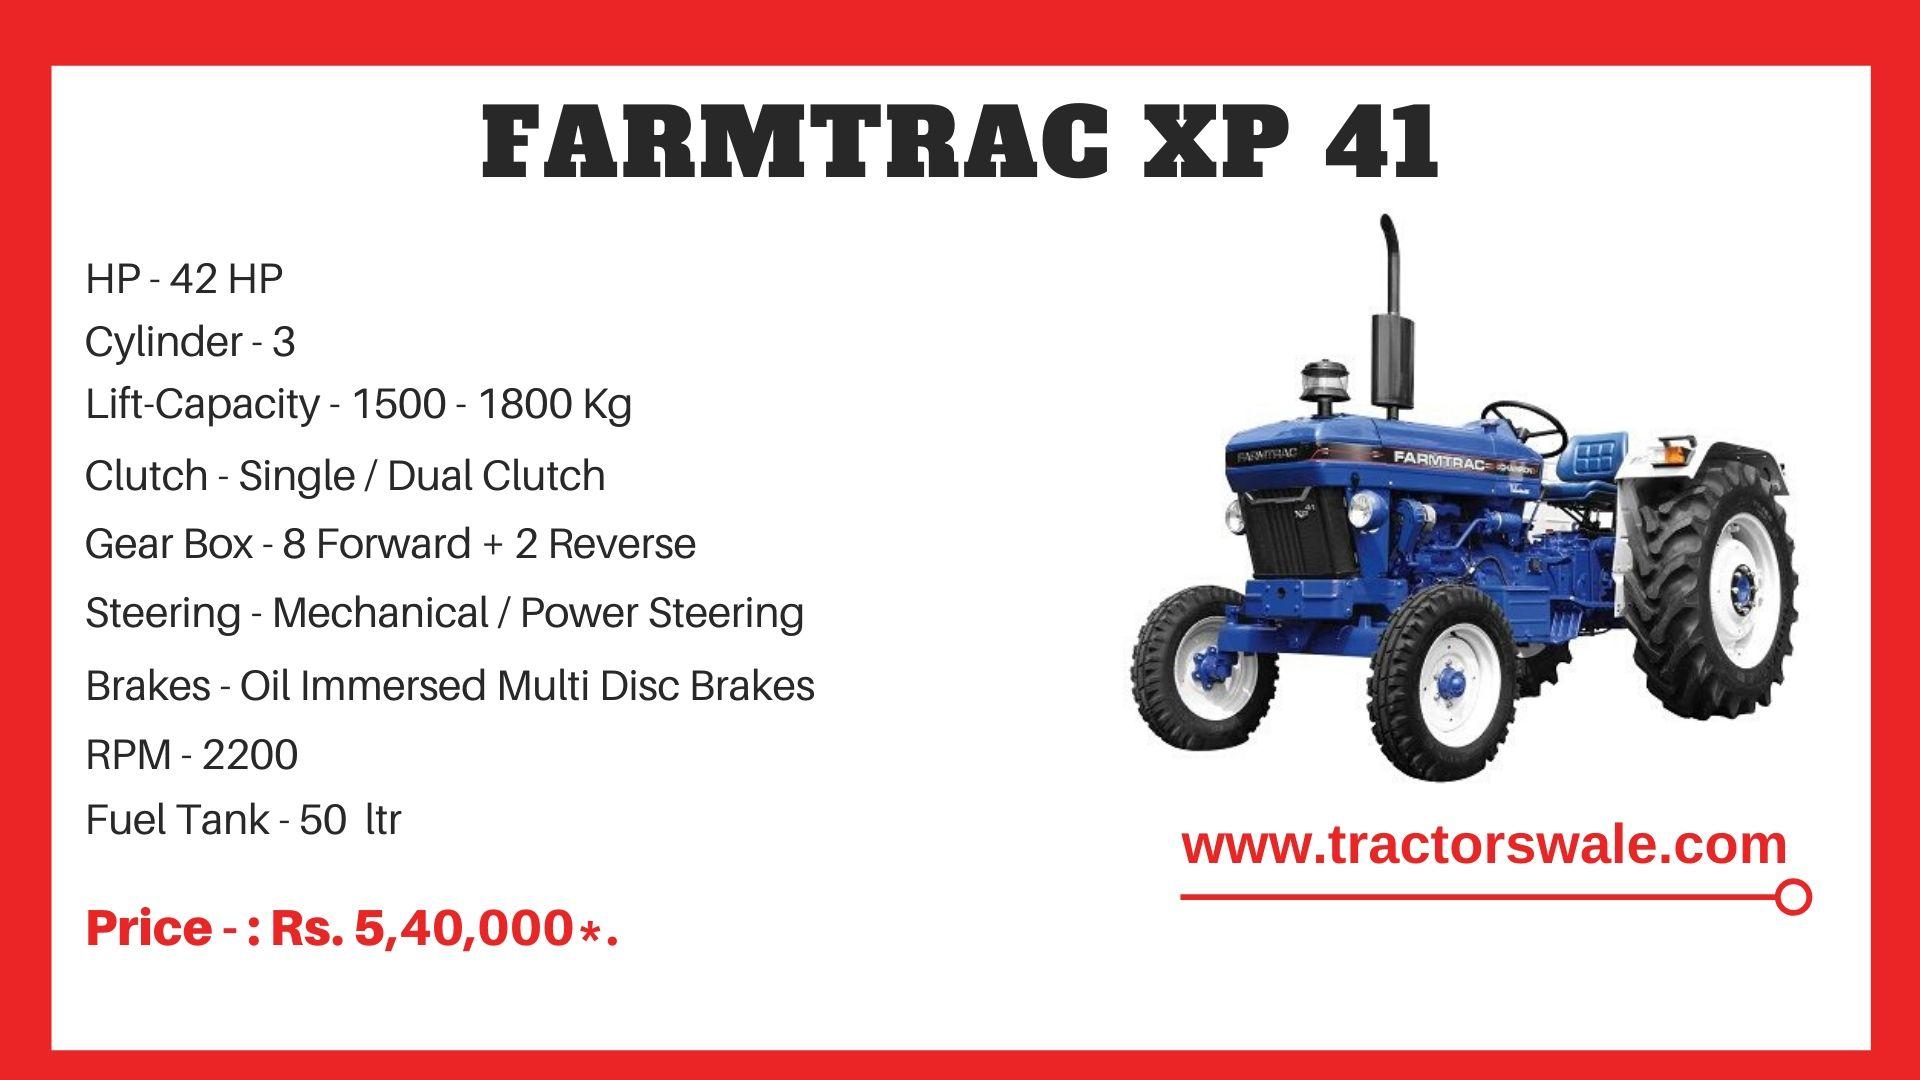 Farmtrac XP 41 tractor price